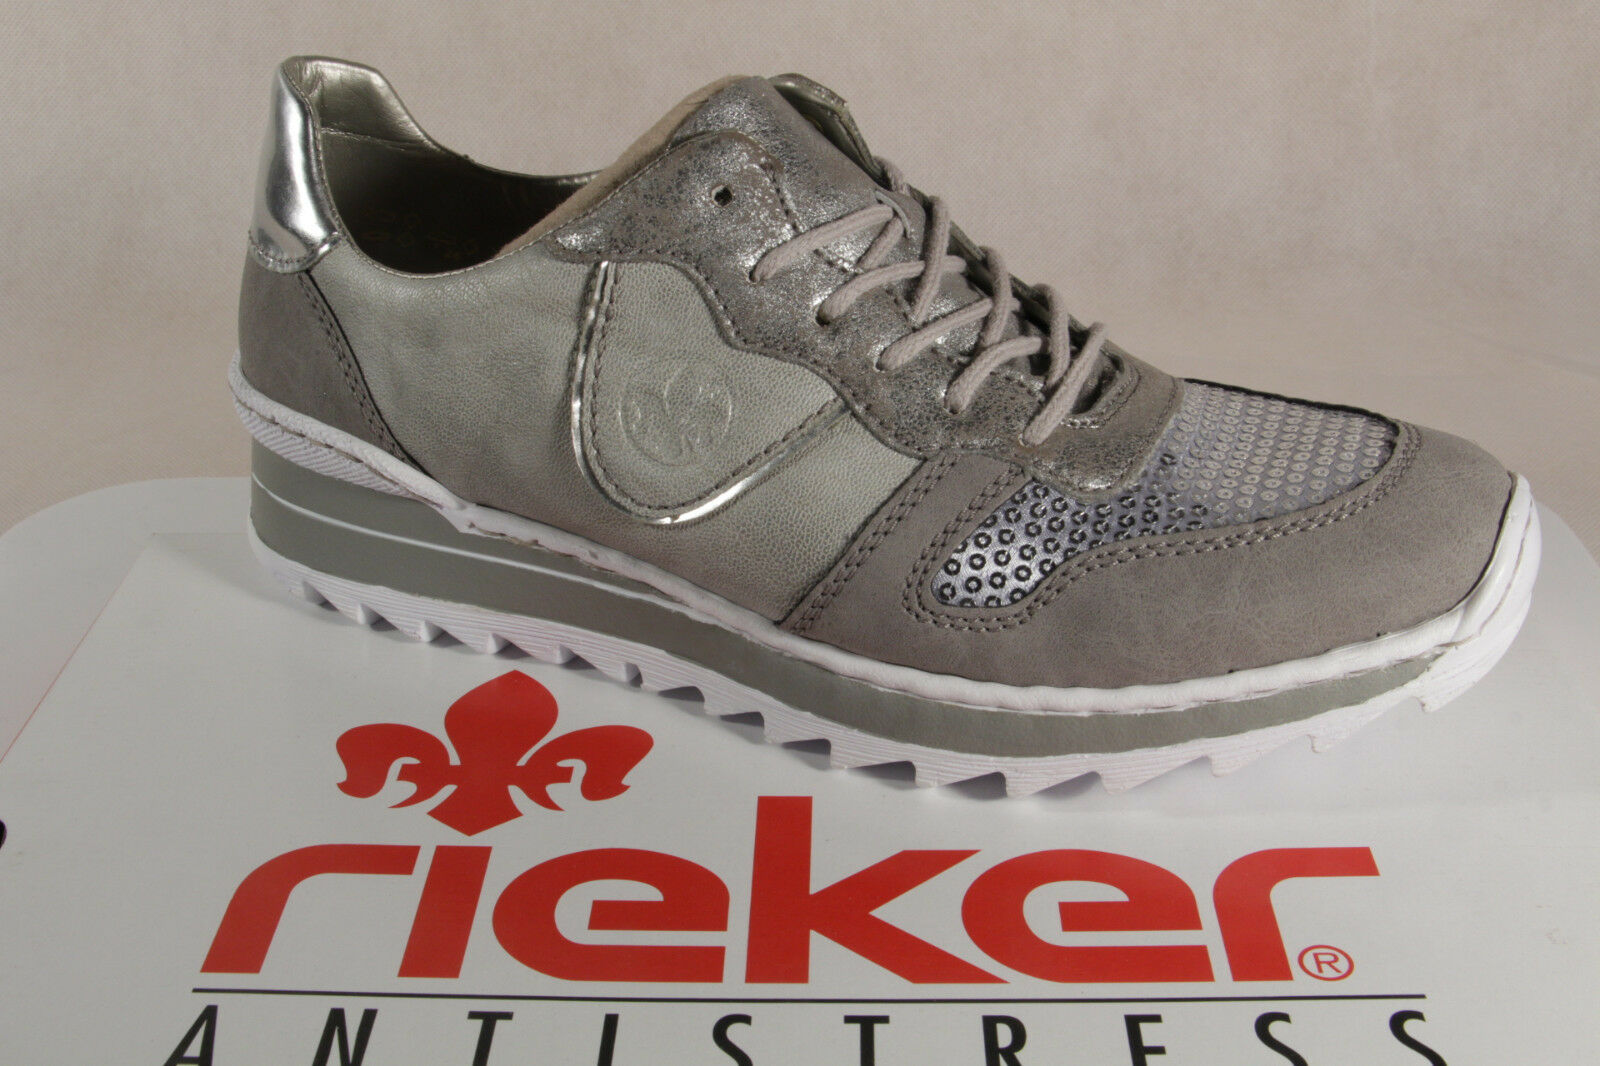 Rieker Mujer Zapatos de Cordones Mocasines Zapatillas Deporte los Del Del Del gris M6902  oferta de tienda